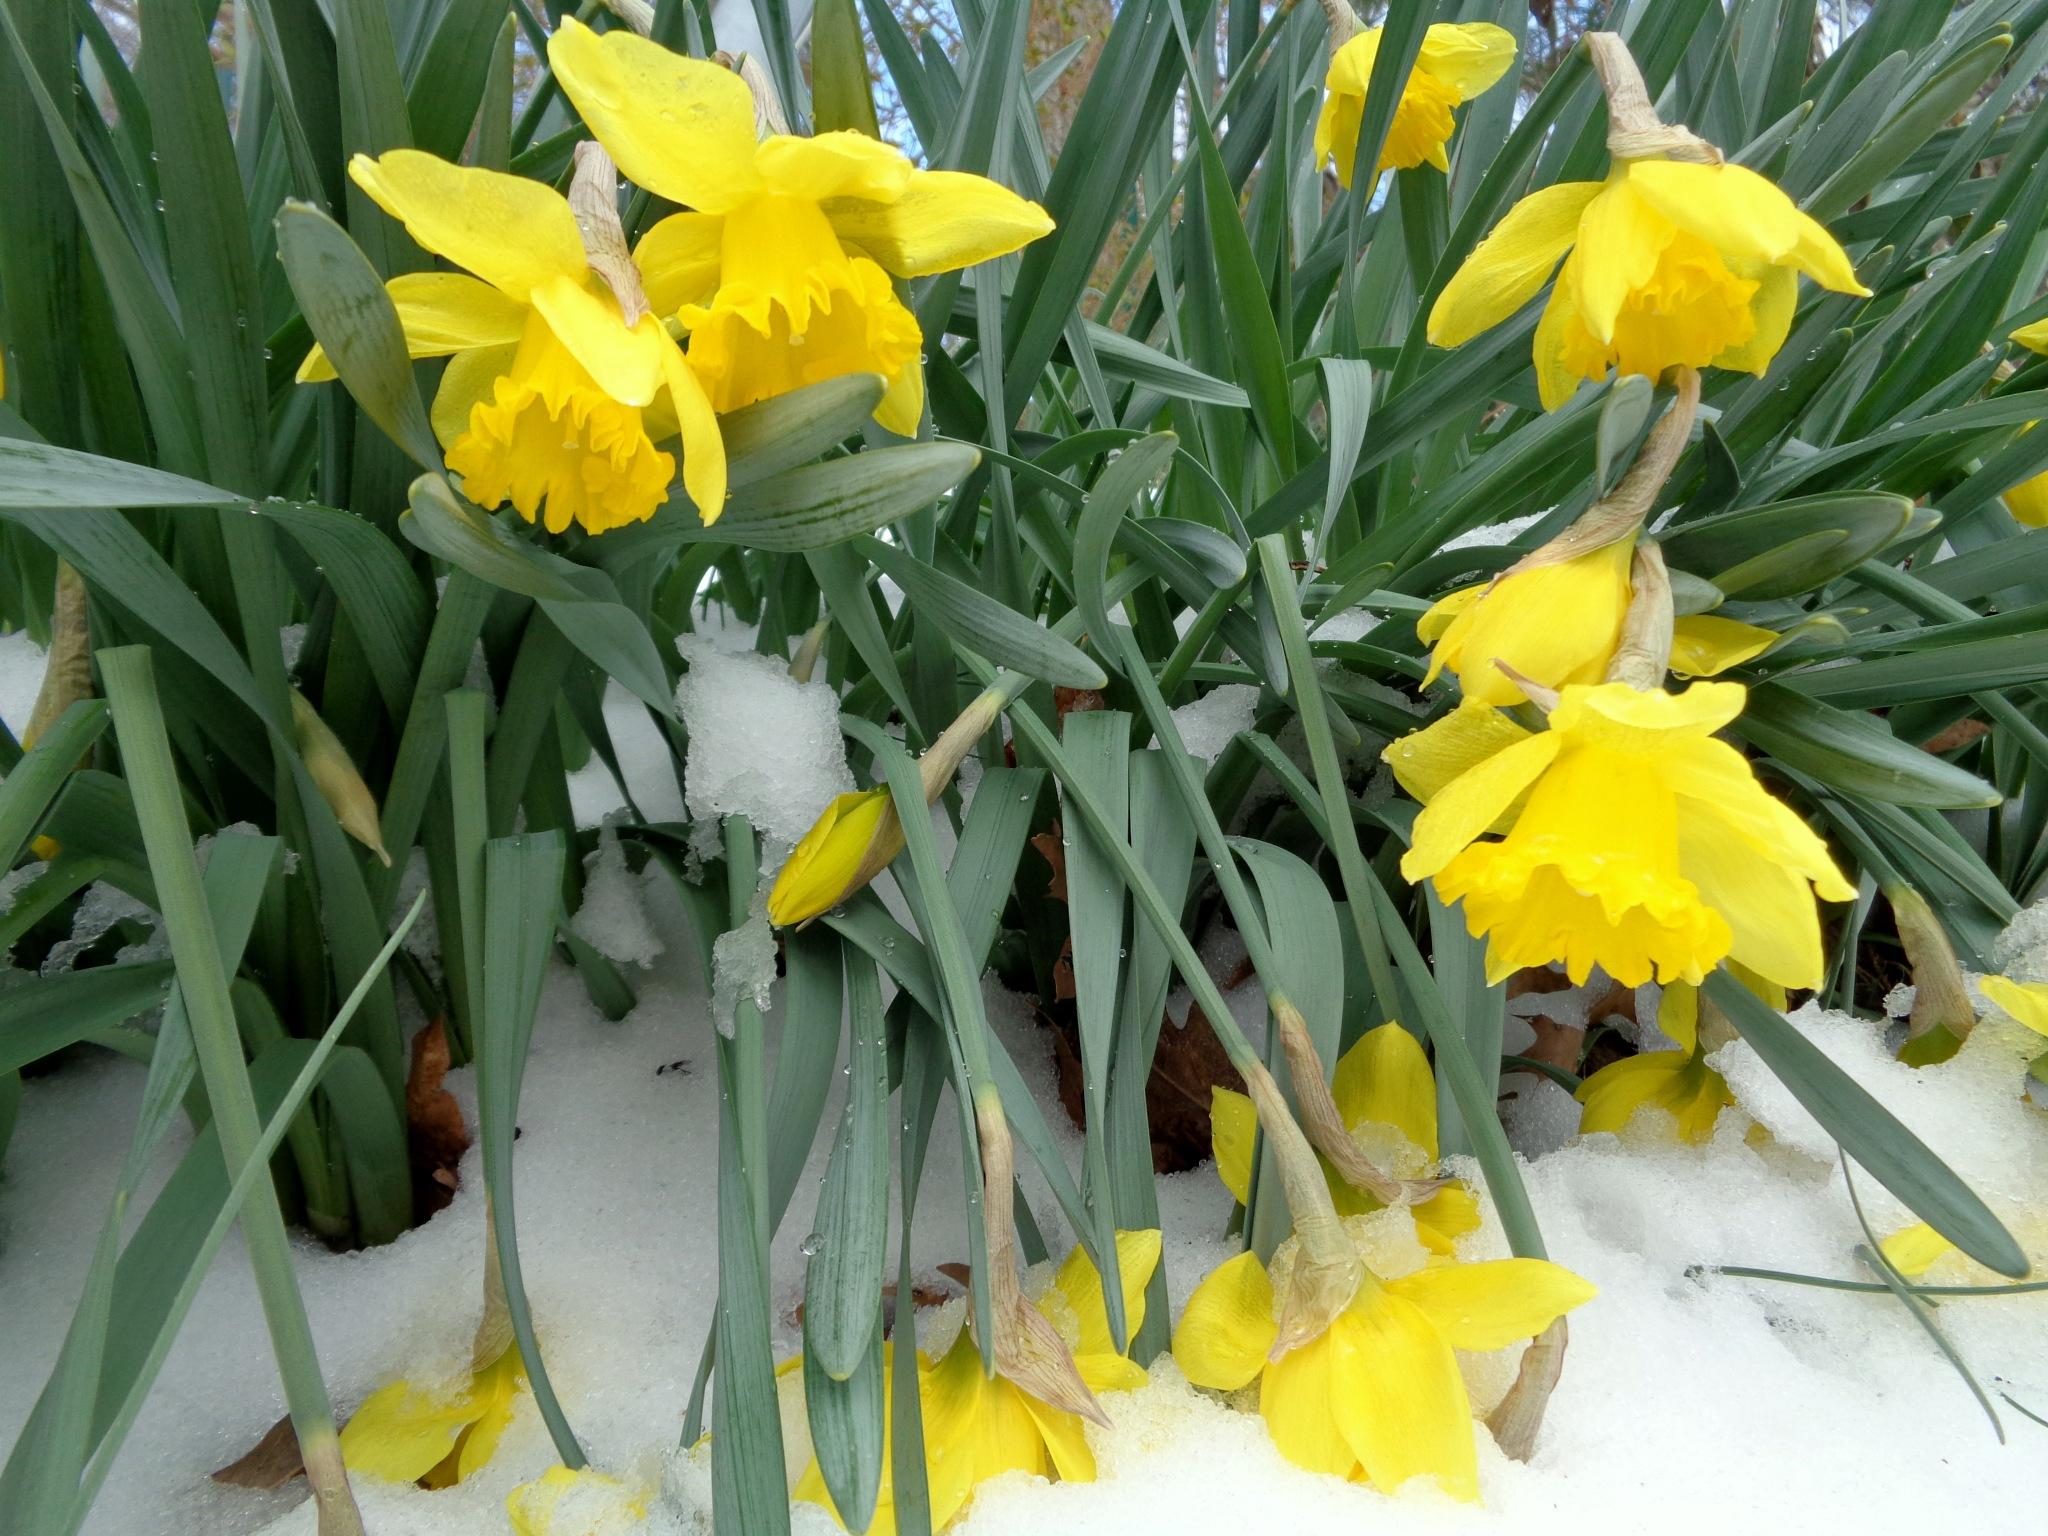 In my garden after snowstorm; March 14, 2017, Gaithersburg, MD by NatalyaParris